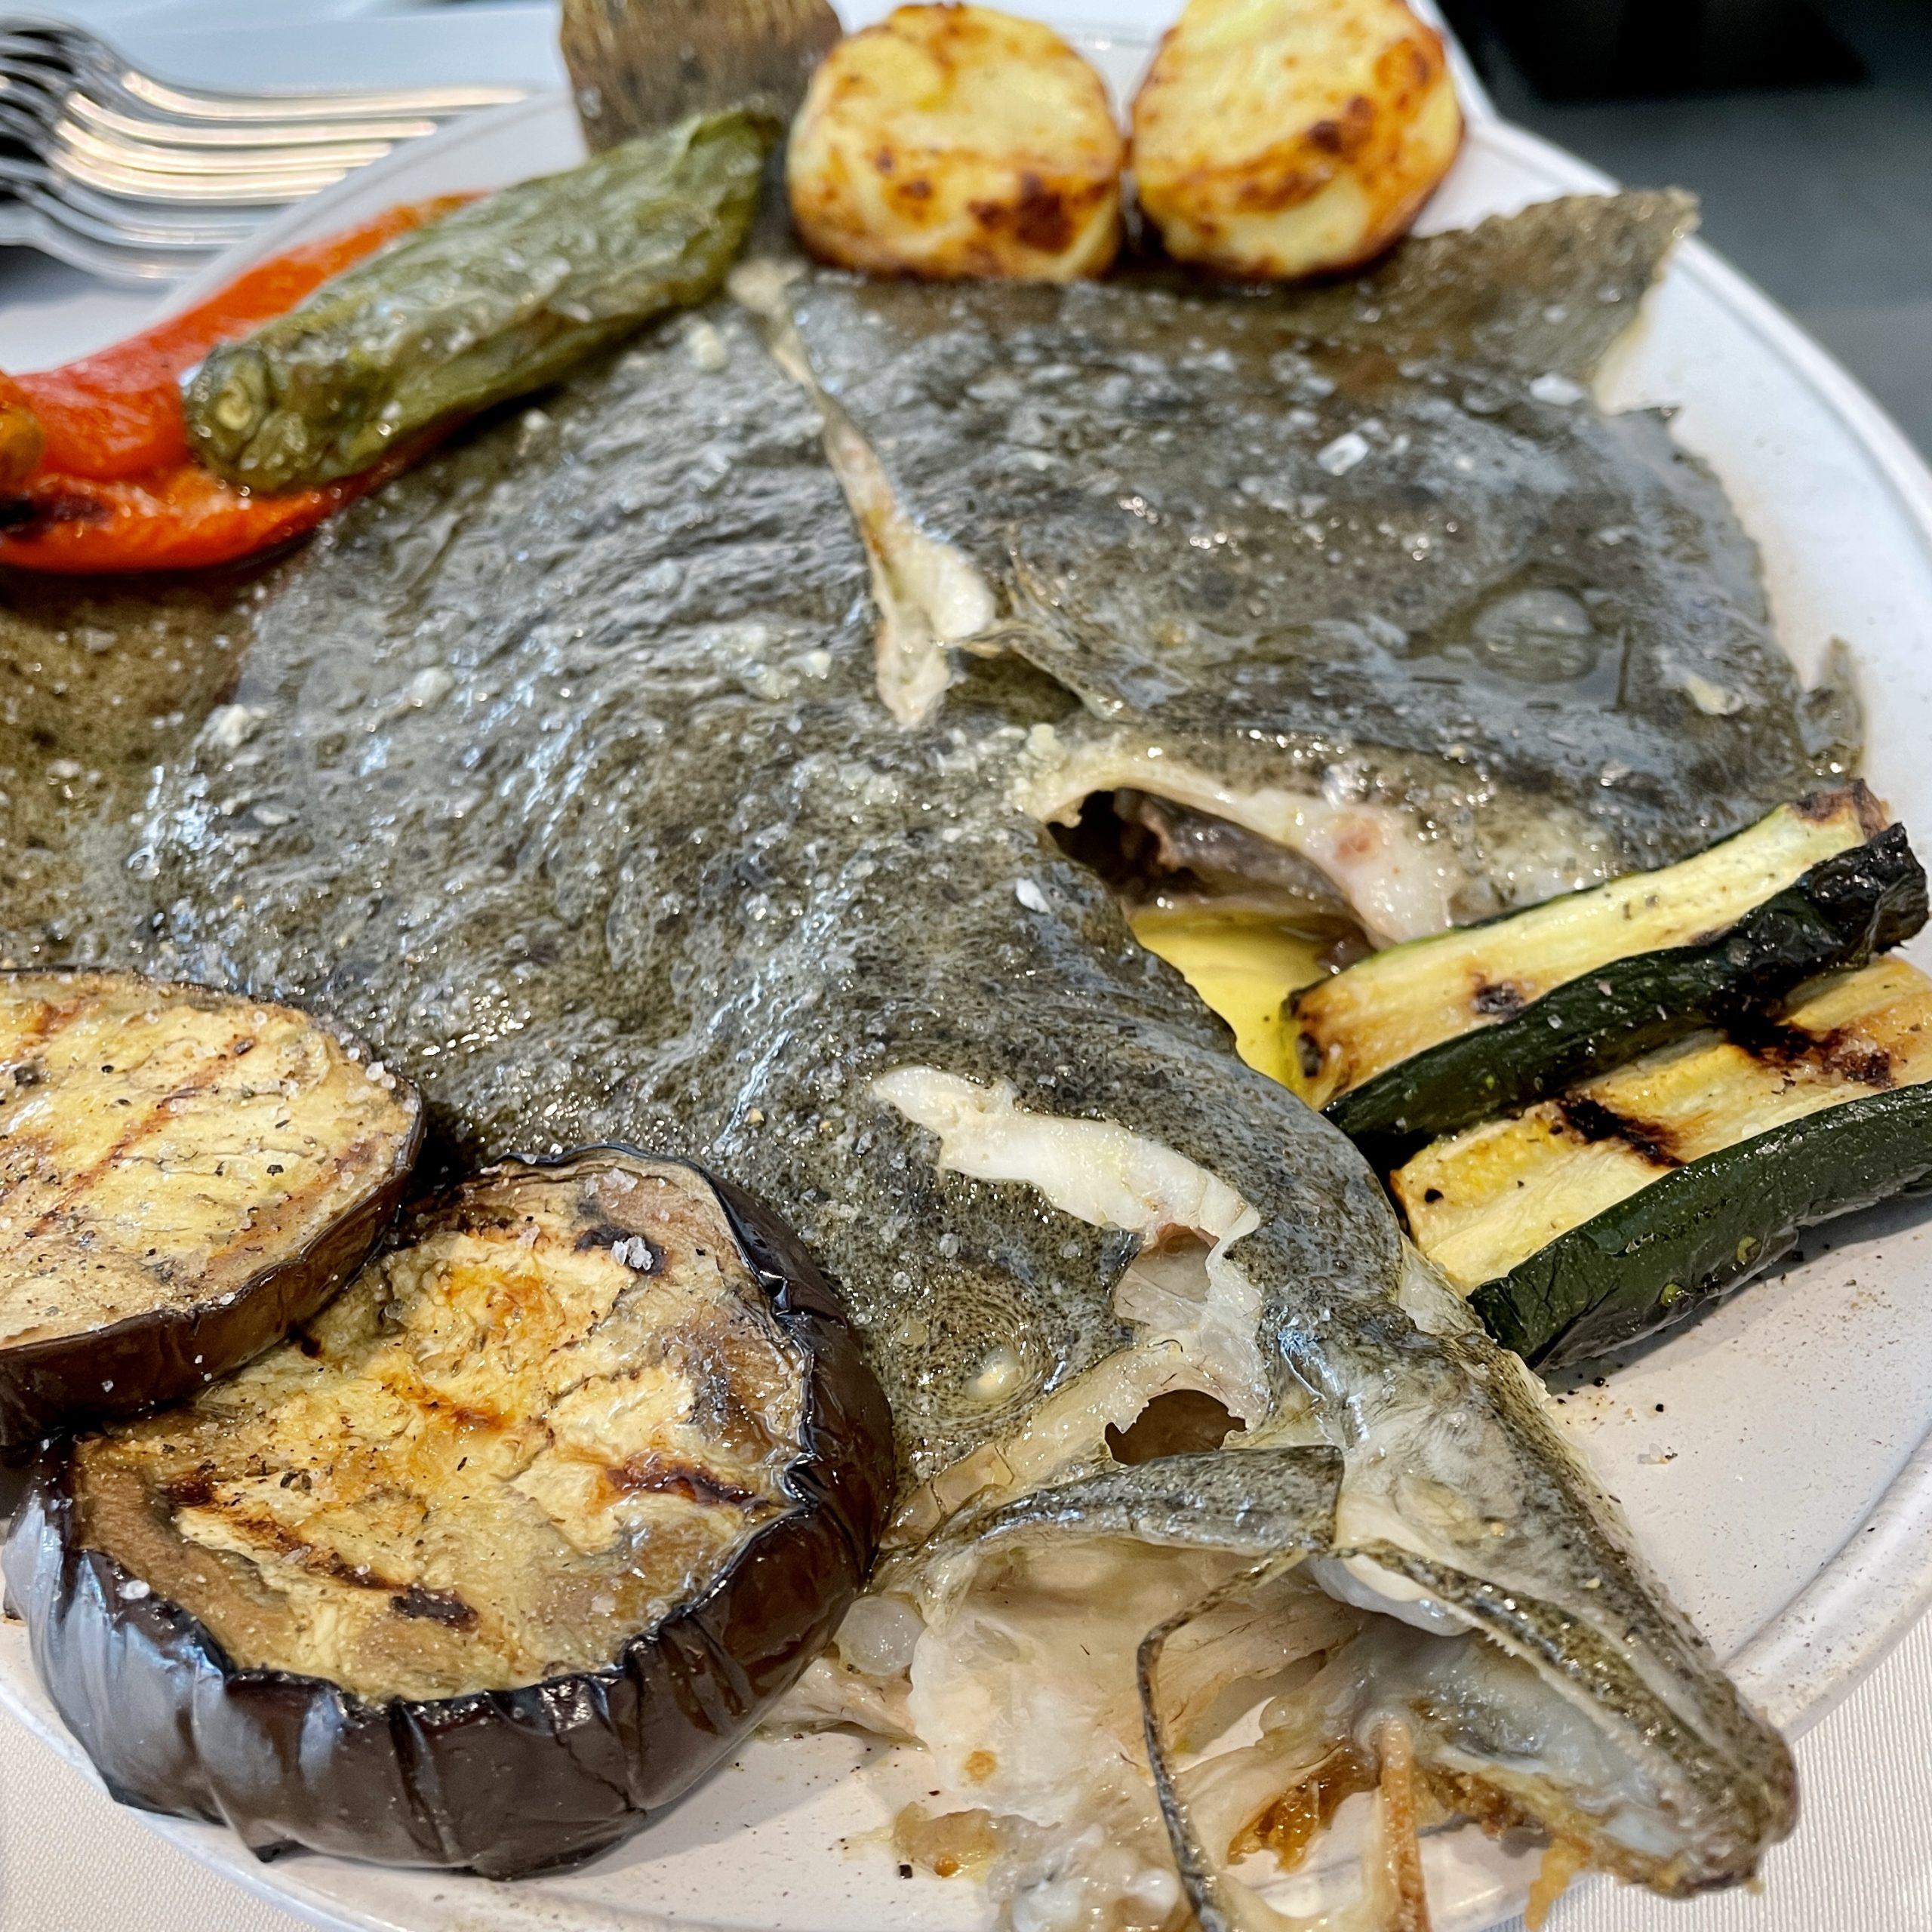 Ni he esmorzat esperant la una del migdia per anar a restaurant KRAM GASTRO & GRILLING OYSTER BAR - TURBOT SALVATGE